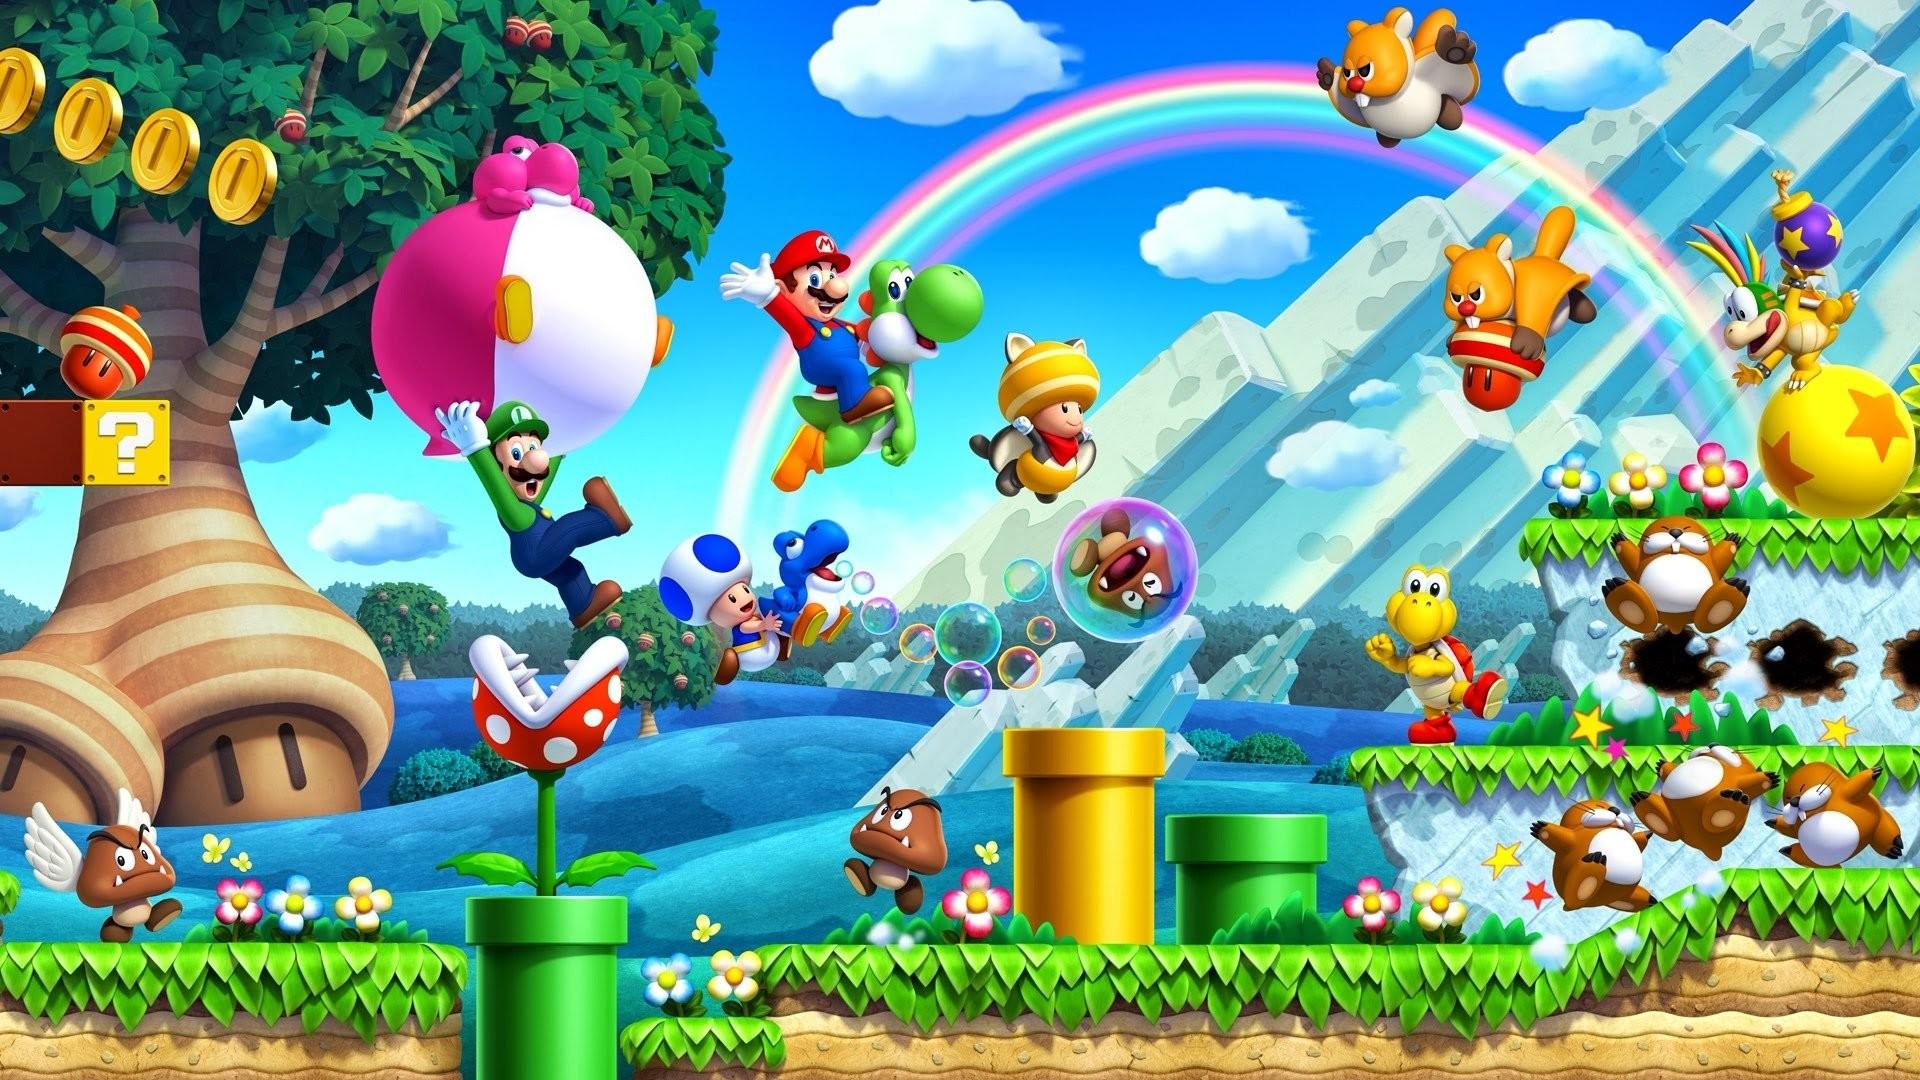 New Super Mario Bros Wallpaper 63 images 1920x1080